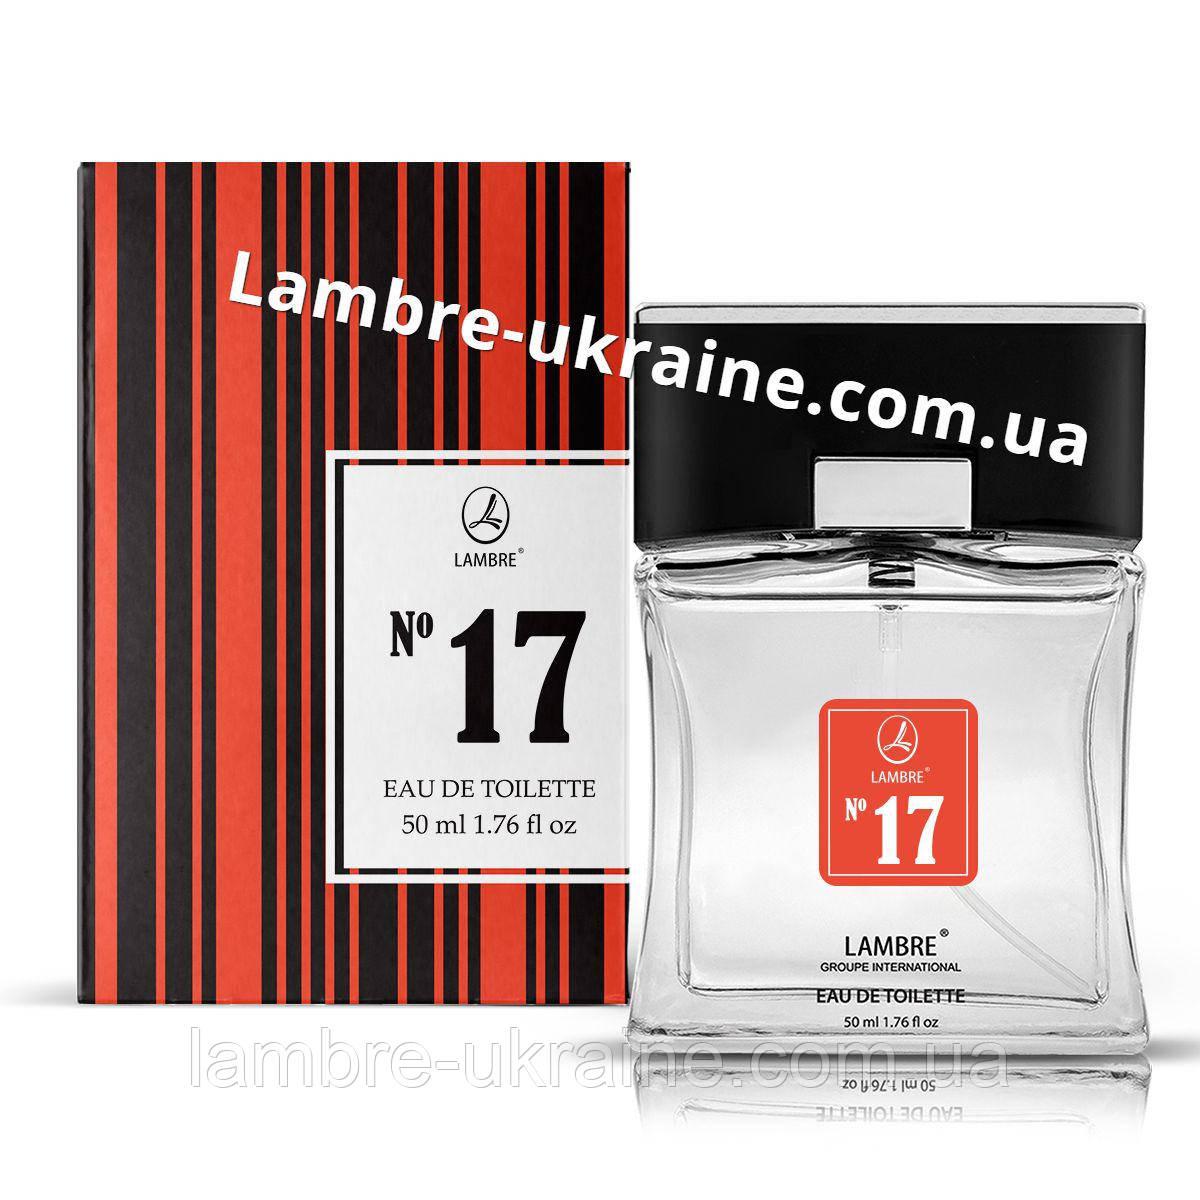 Туалетная вода Lambre (Ламбре) №17 - The one for men - 50 мл